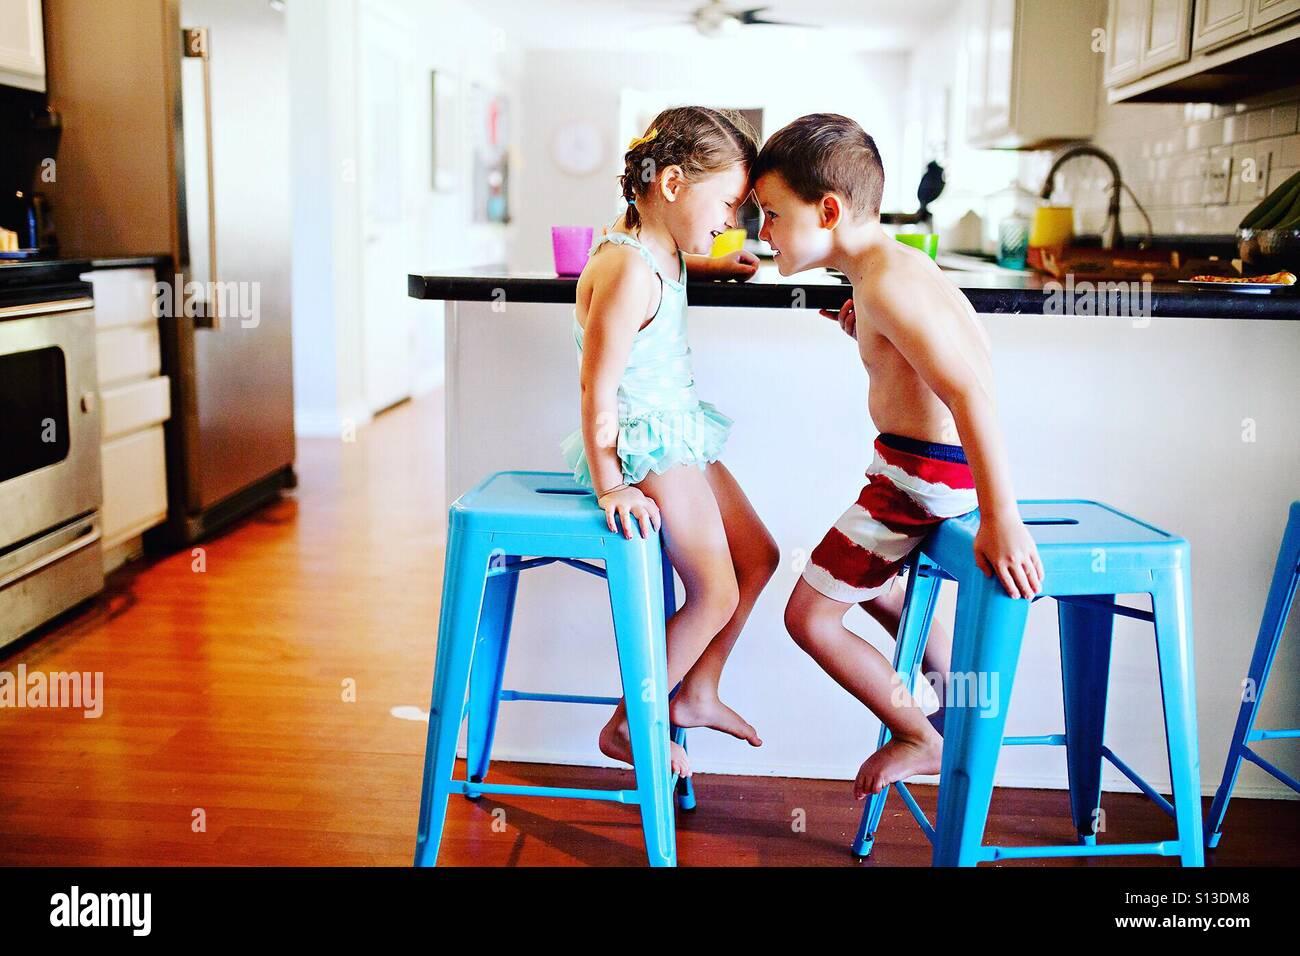 Due bambini in abiti nuotare essendo stupido al momento dei pasti a casa nella cucina moderna Immagini Stock